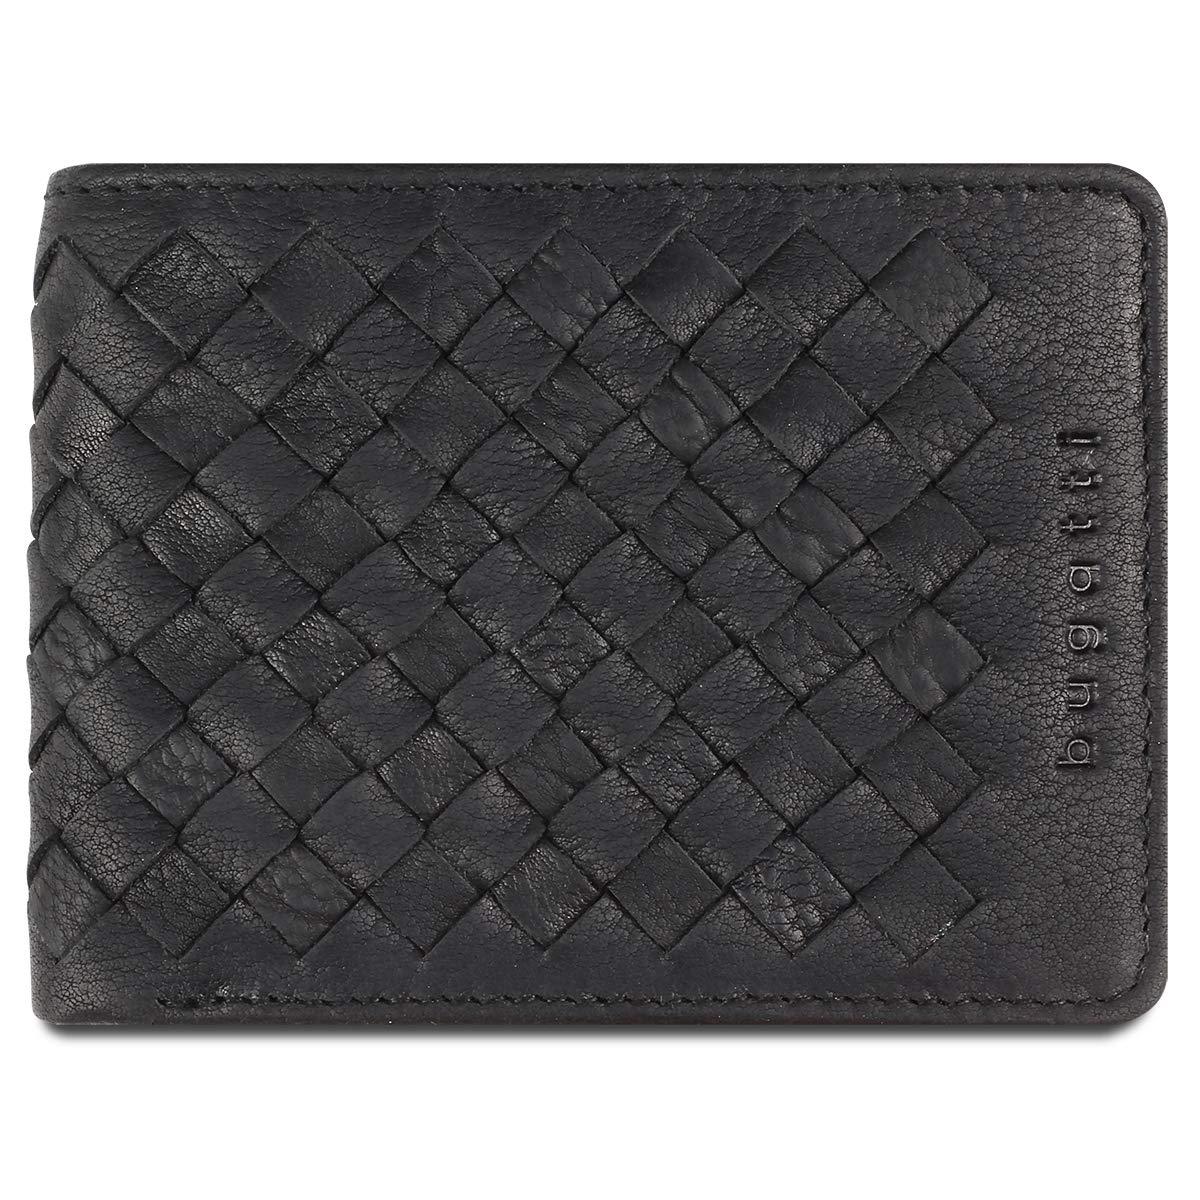 Woven Portefeuilles, Portefeuille Homme en Cuir 6CC avec Porte Monnaie, Format Horizontal Petit - Noir